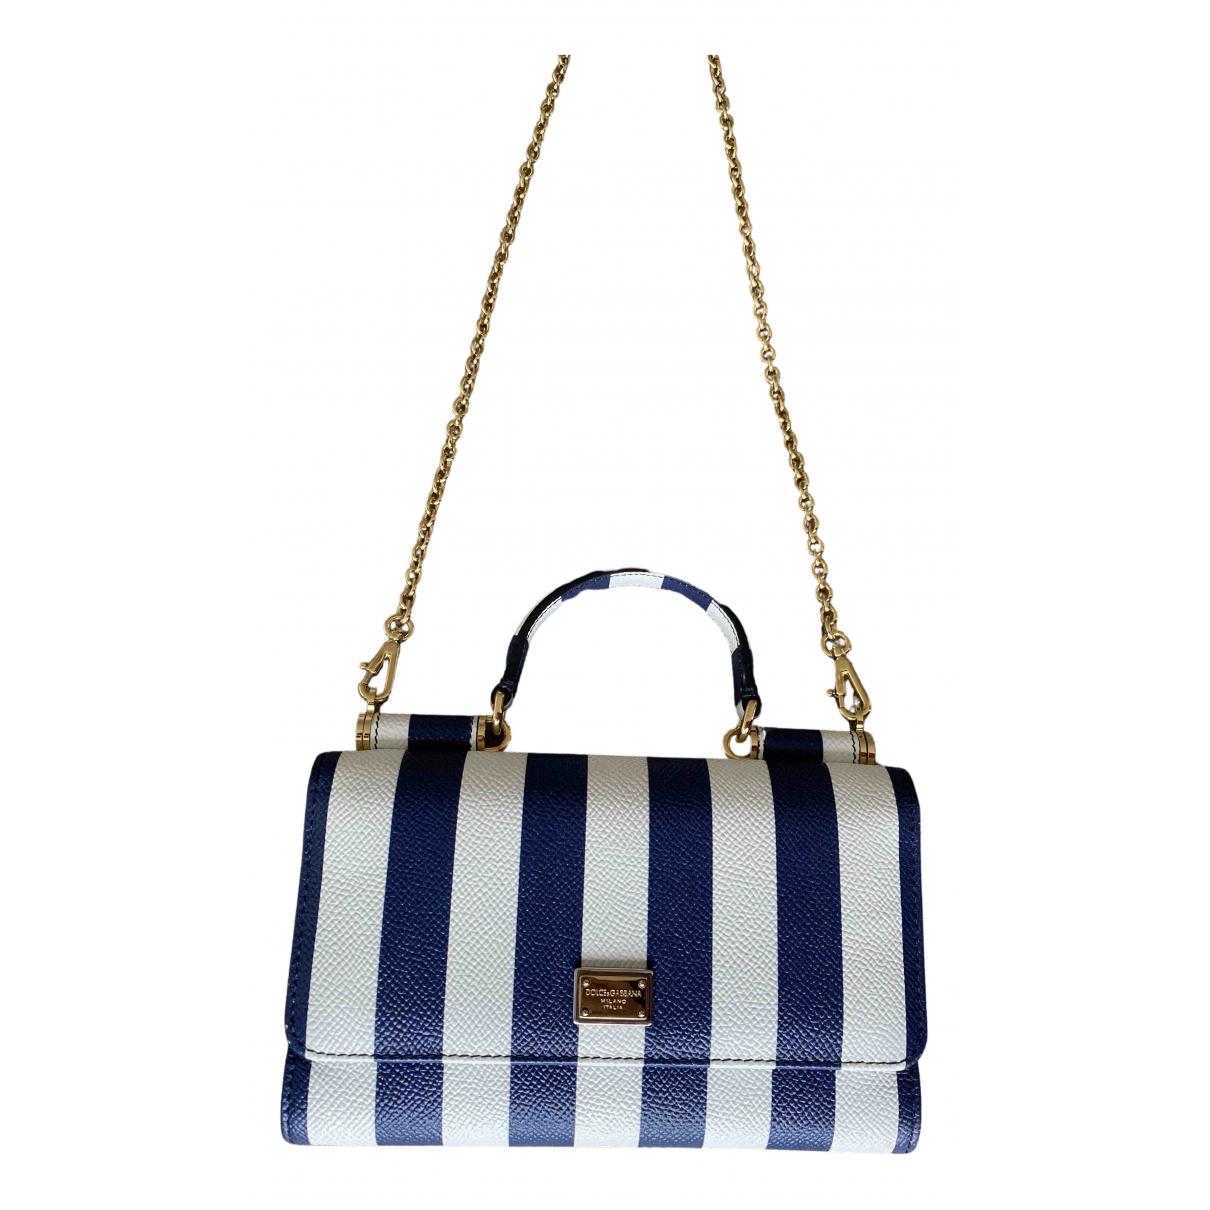 Dolce & Gabbana Sicily Blue Leather handbag for Women N